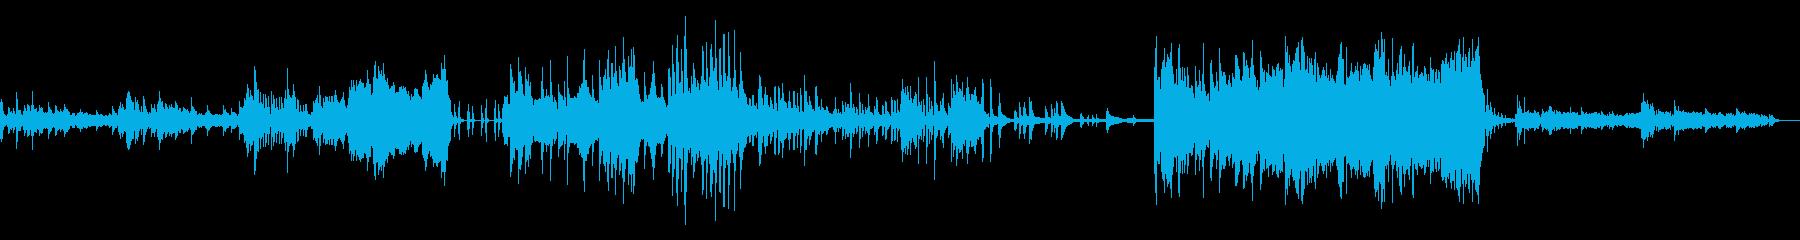 ワクワクさせたい曲の再生済みの波形